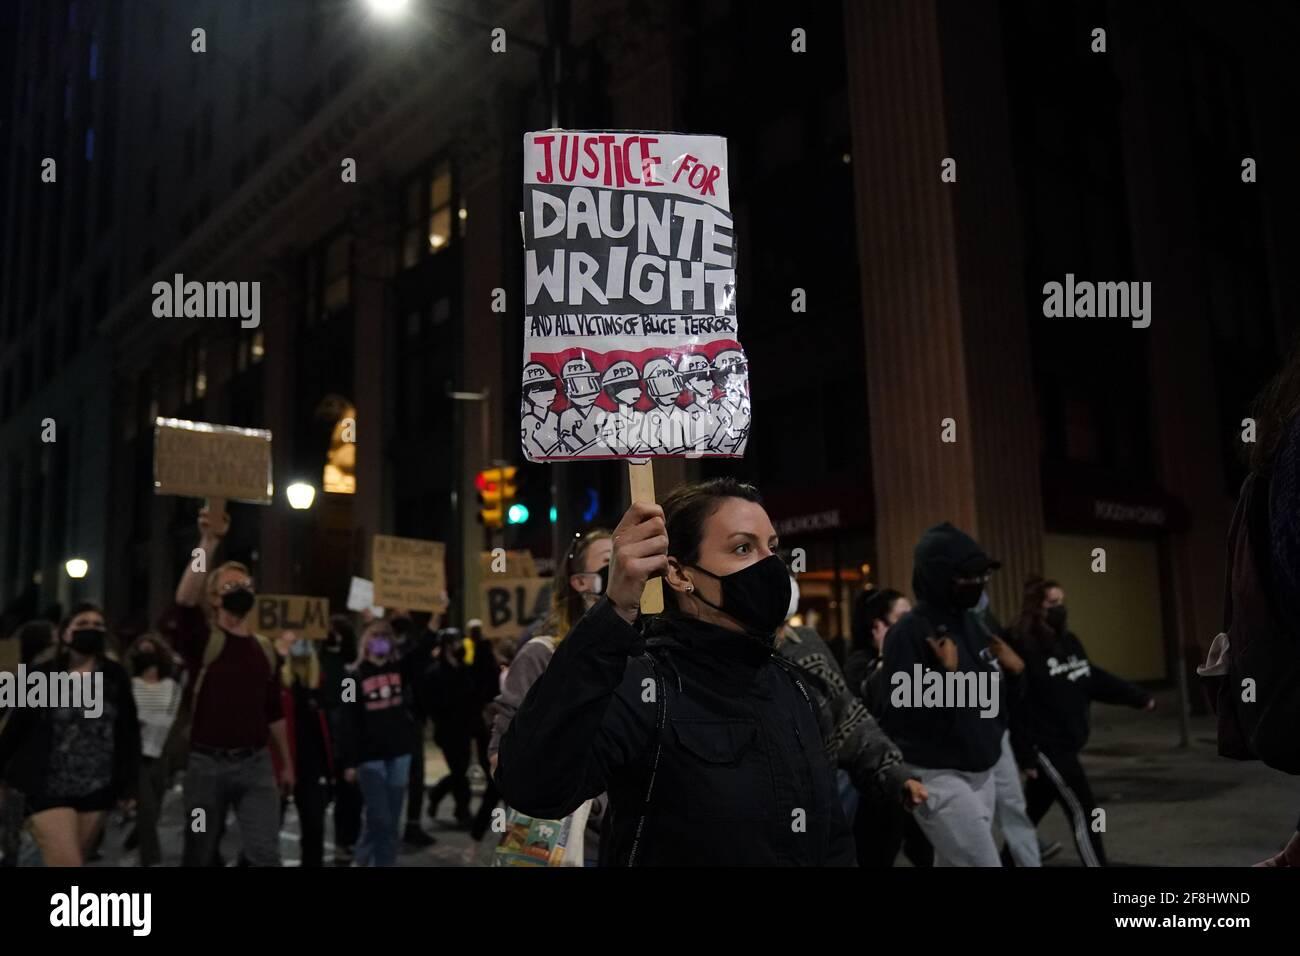 Philadelphia, Stati Uniti. 13 Apr 2021. Un dimostratore marciò mentre tiene un segno durante una protesta di Justice for Daunte Wright a Philadelphia, USA. Daunte Wright era un uomo nero di 20 anni che fu ucciso e ucciso da un agente di polizia a Brooklyn Center, Minnesota, il 11 aprile. Credit: Chase Sutton/Alamy Live News Foto Stock